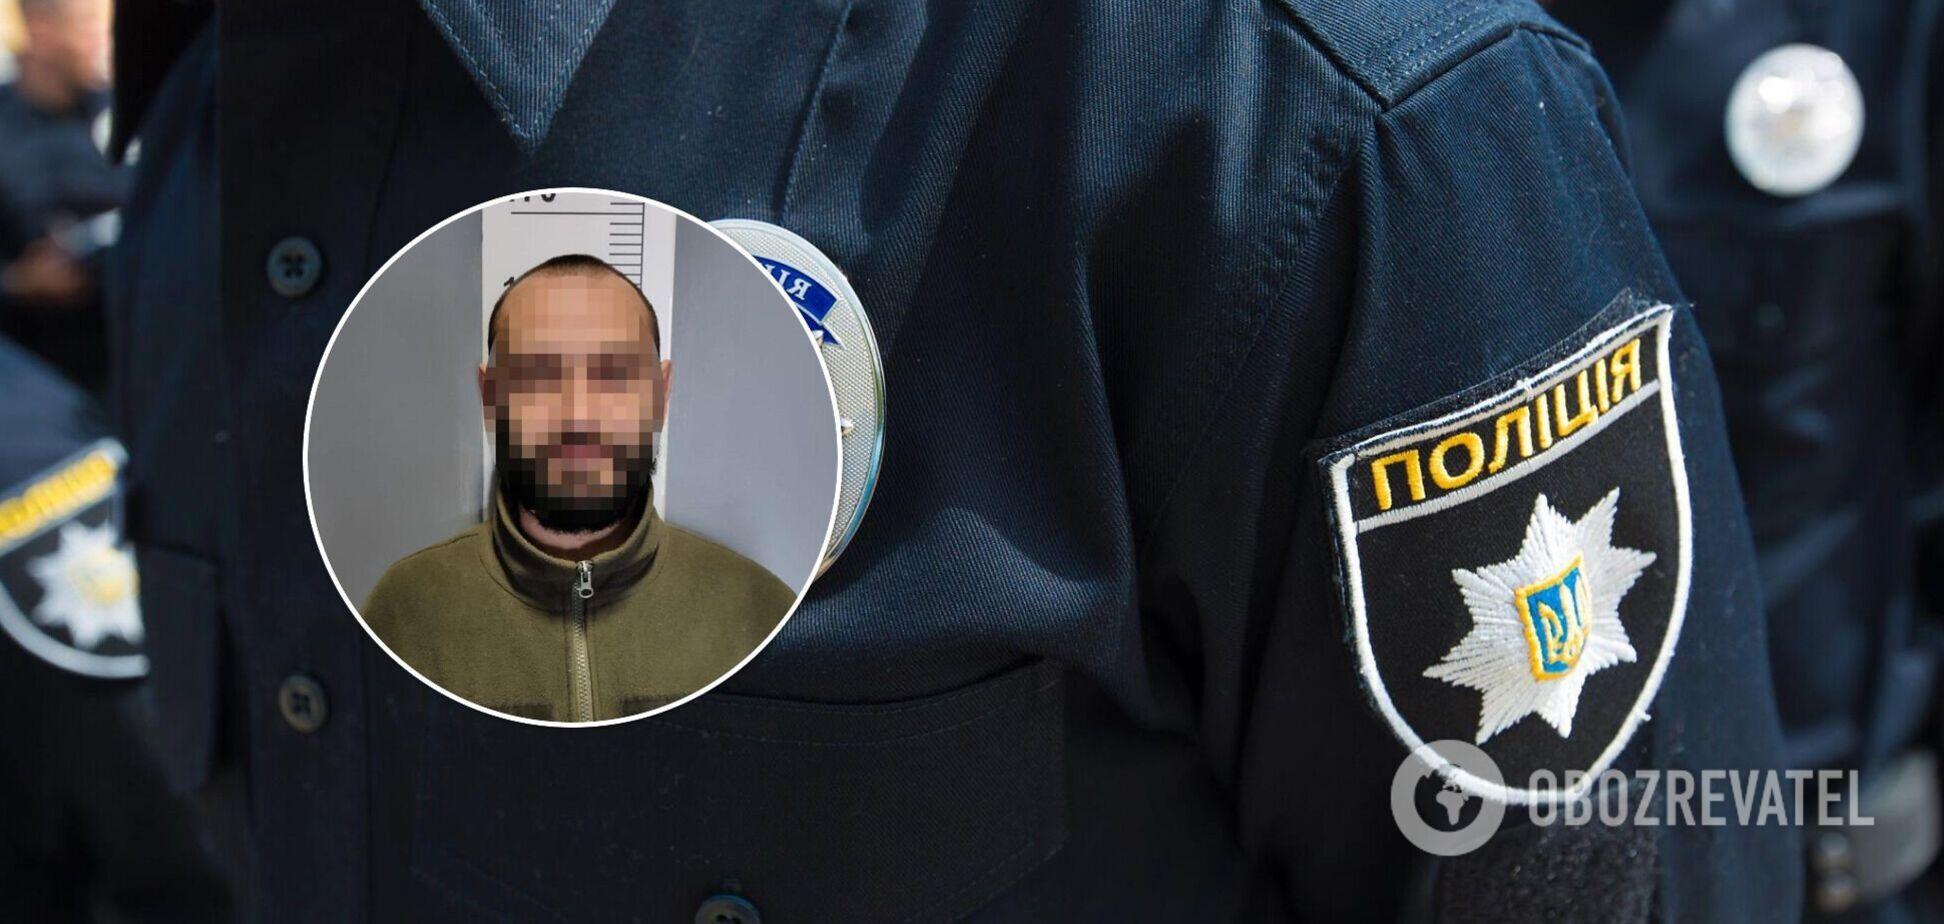 Киевлянину сообщили о подозрении и избрали меру пресечения